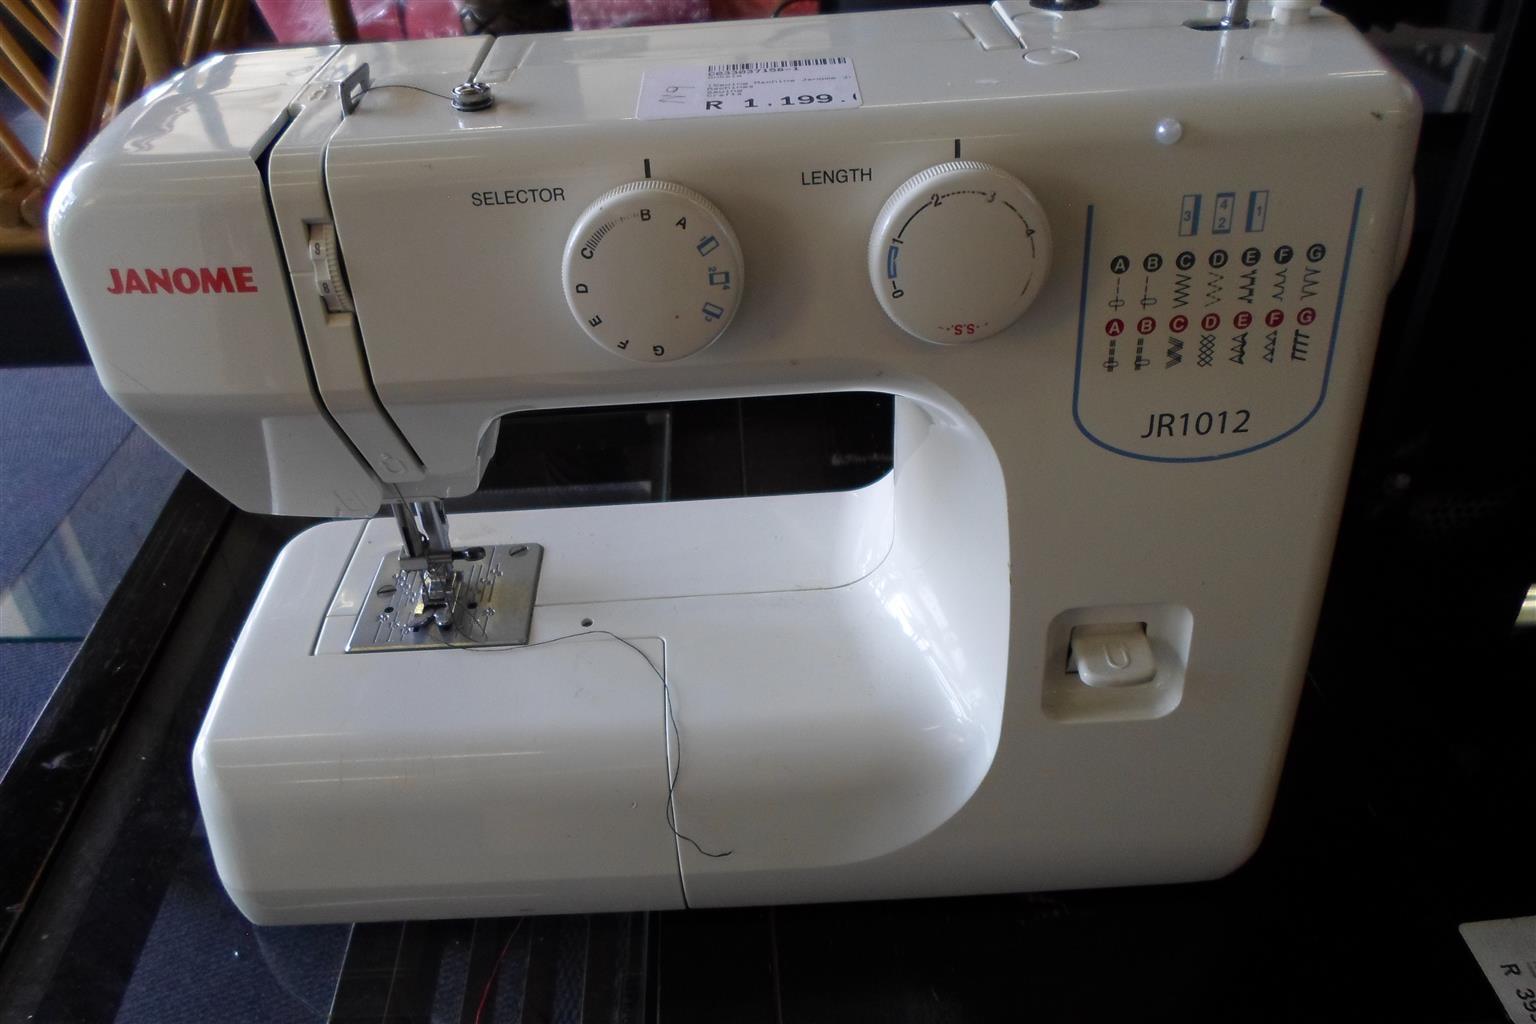 Janome JR1012 Sewing Machine